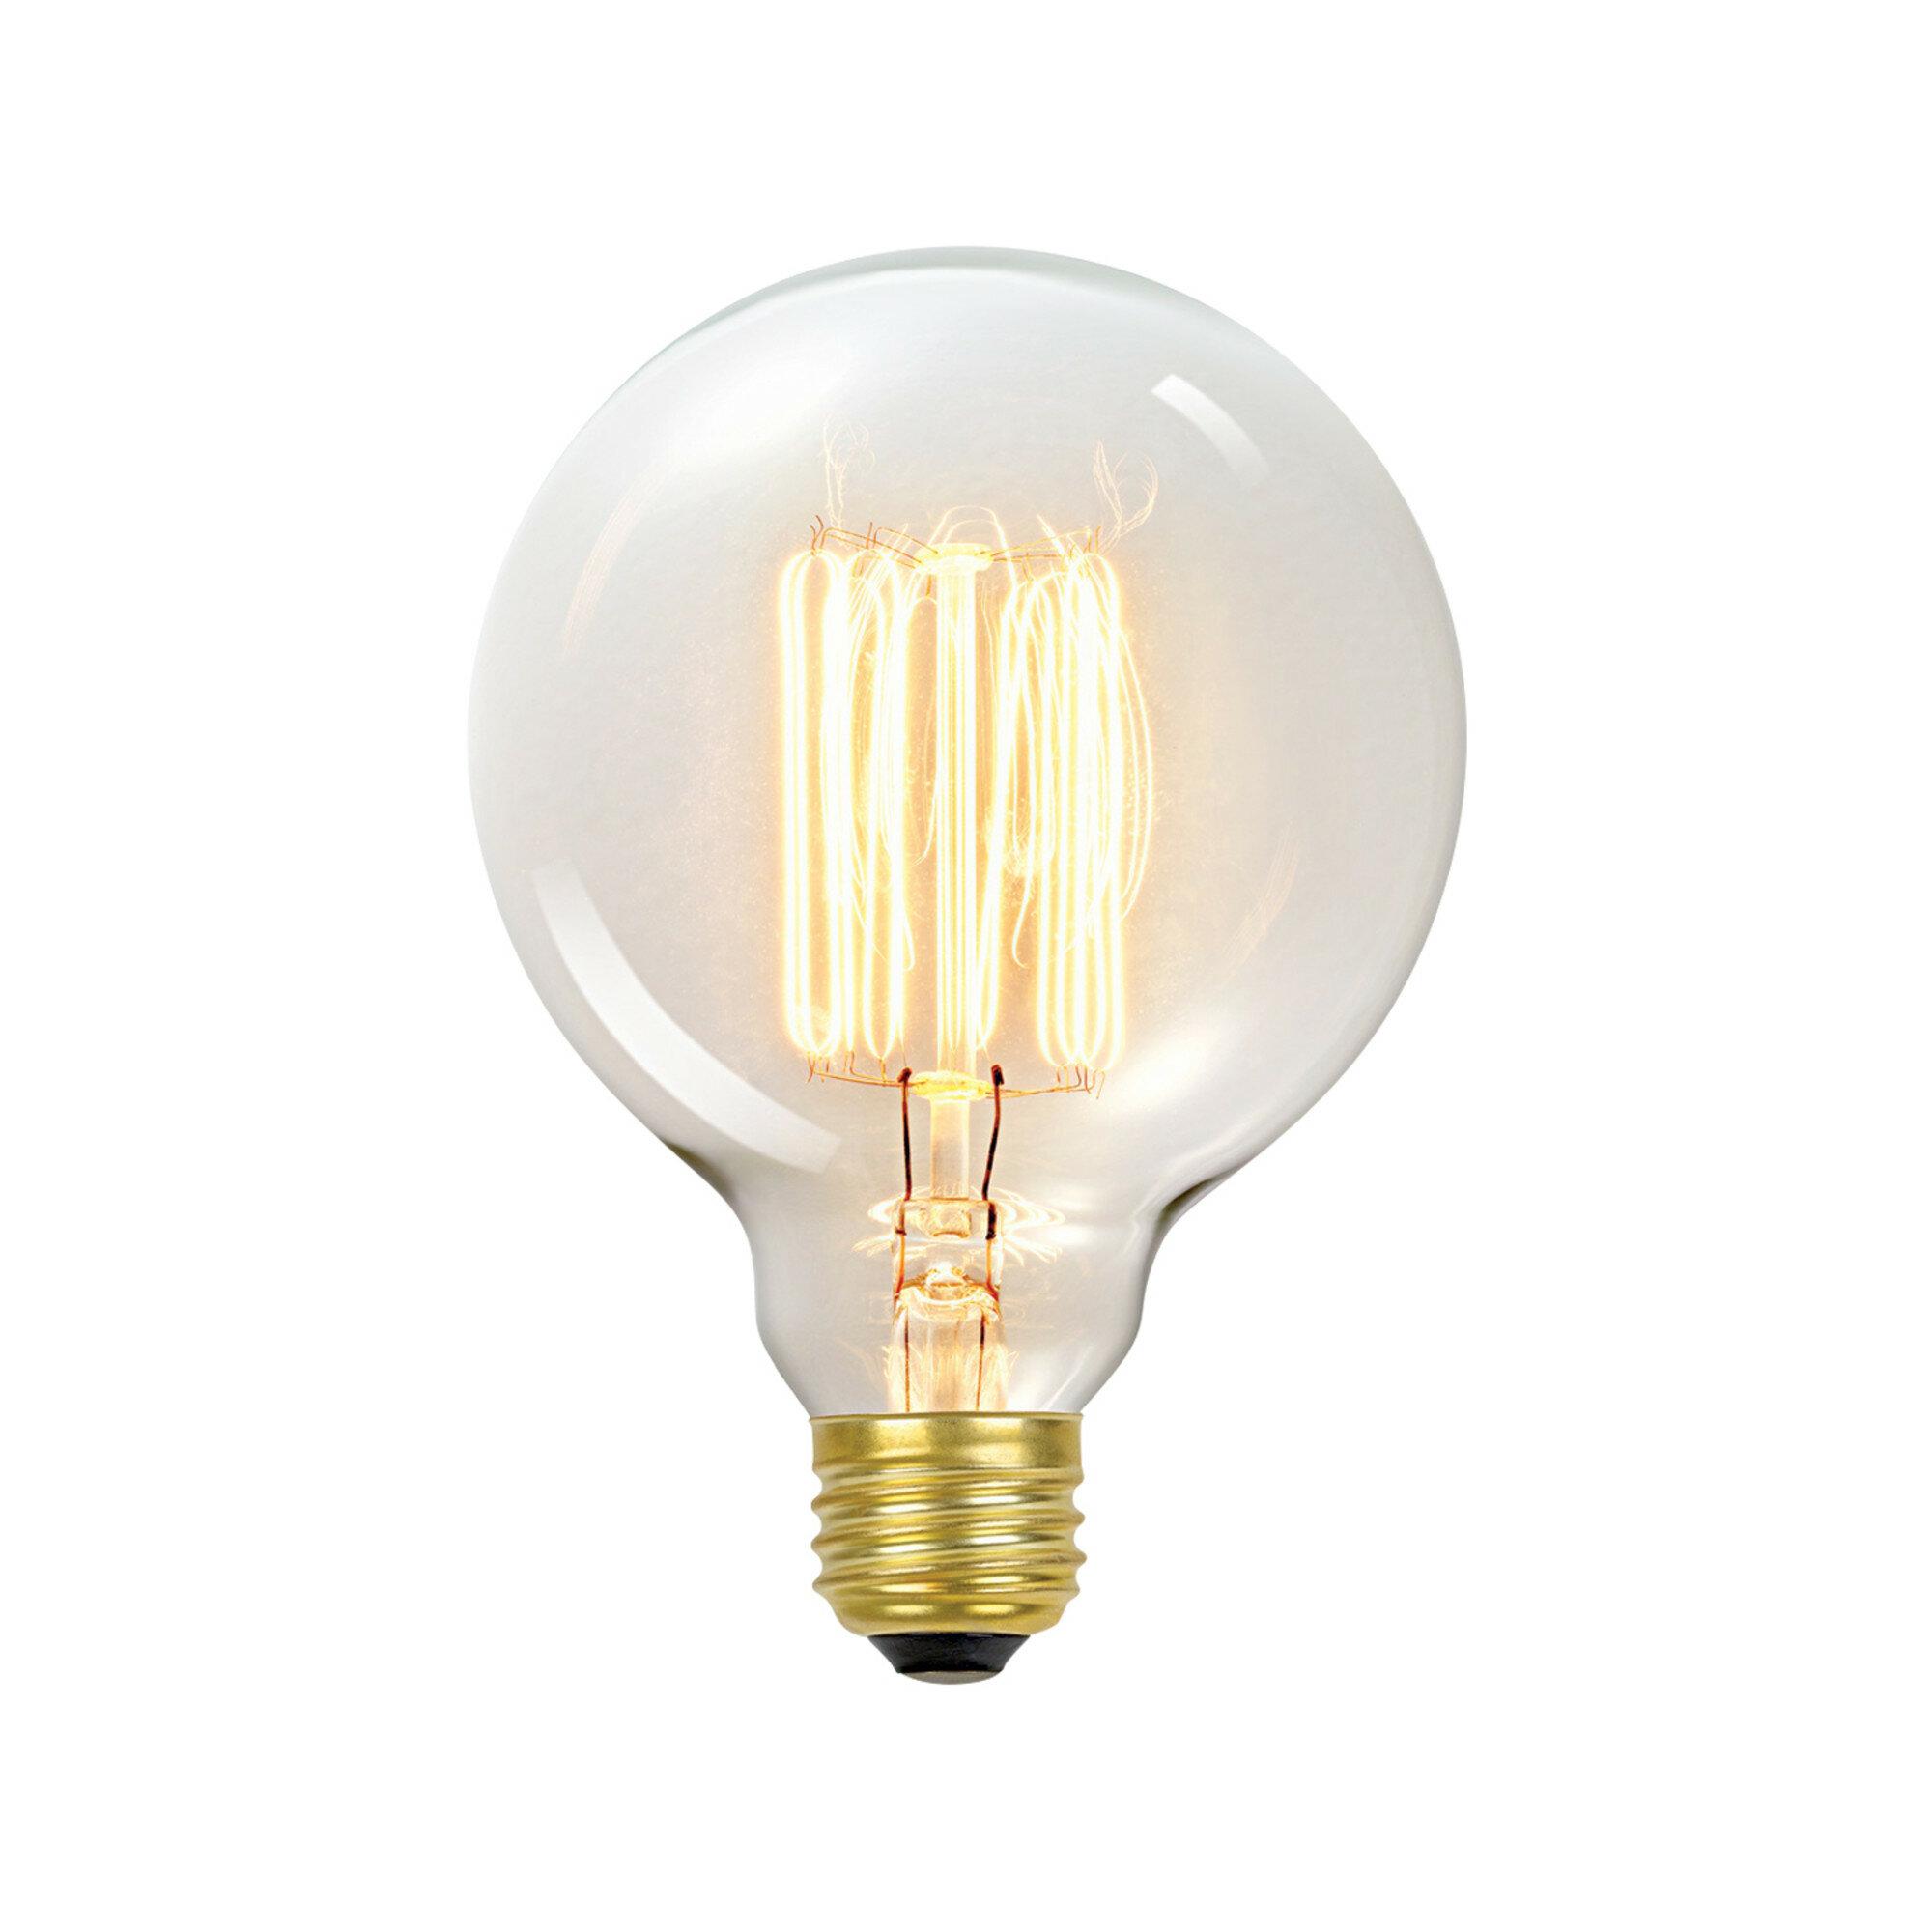 60 Watt G30 Incandescent Dimmable Light Bulb Warm White 2700k E26 Medium Standard Base Reviews Joss Main